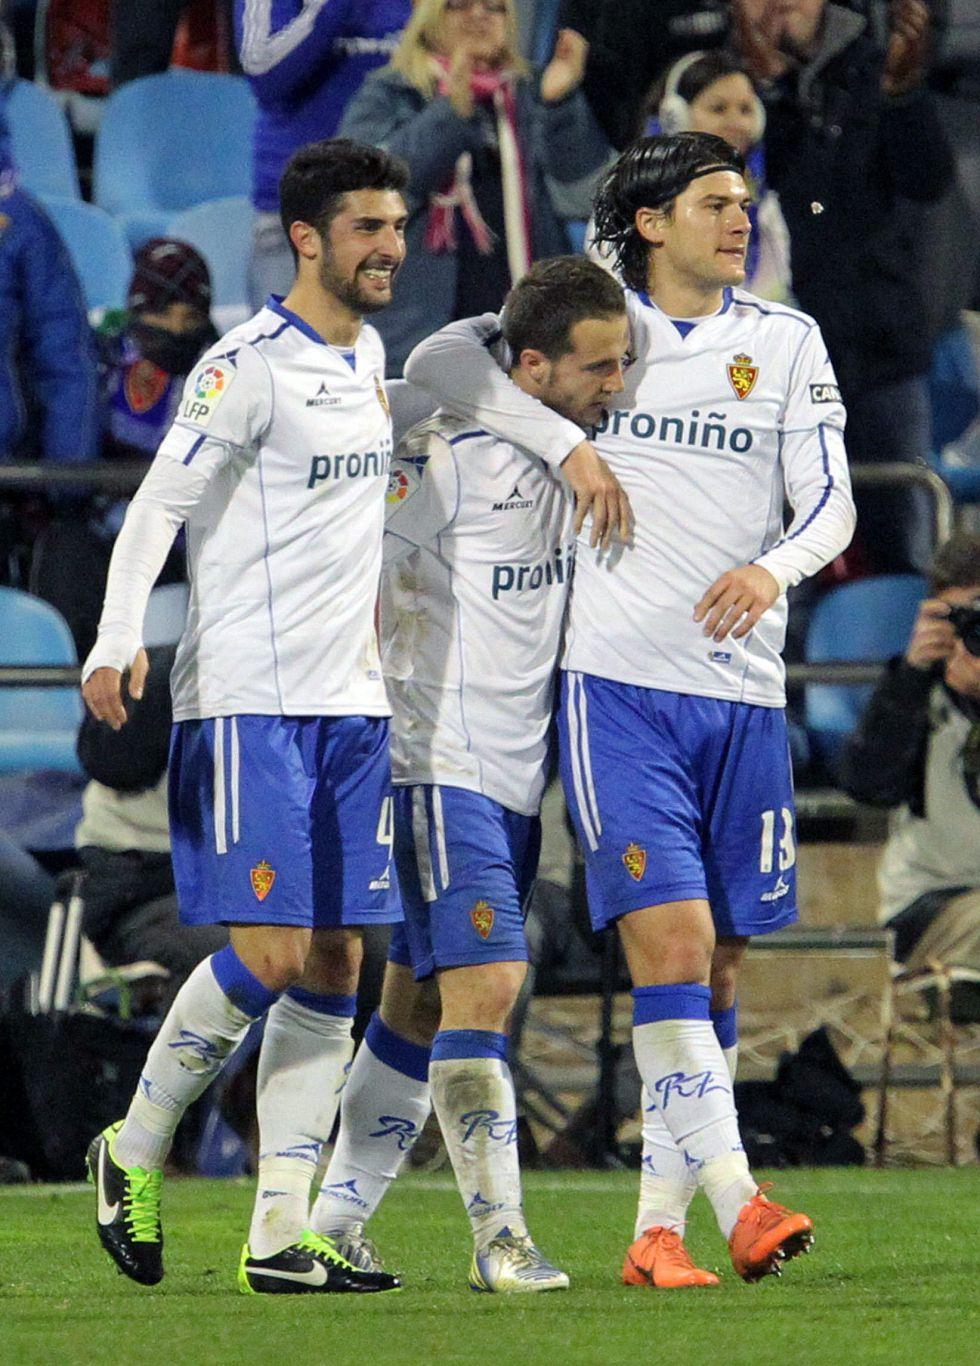 El Zaragoza accede a cuartos en la Copa y refuerza su moral